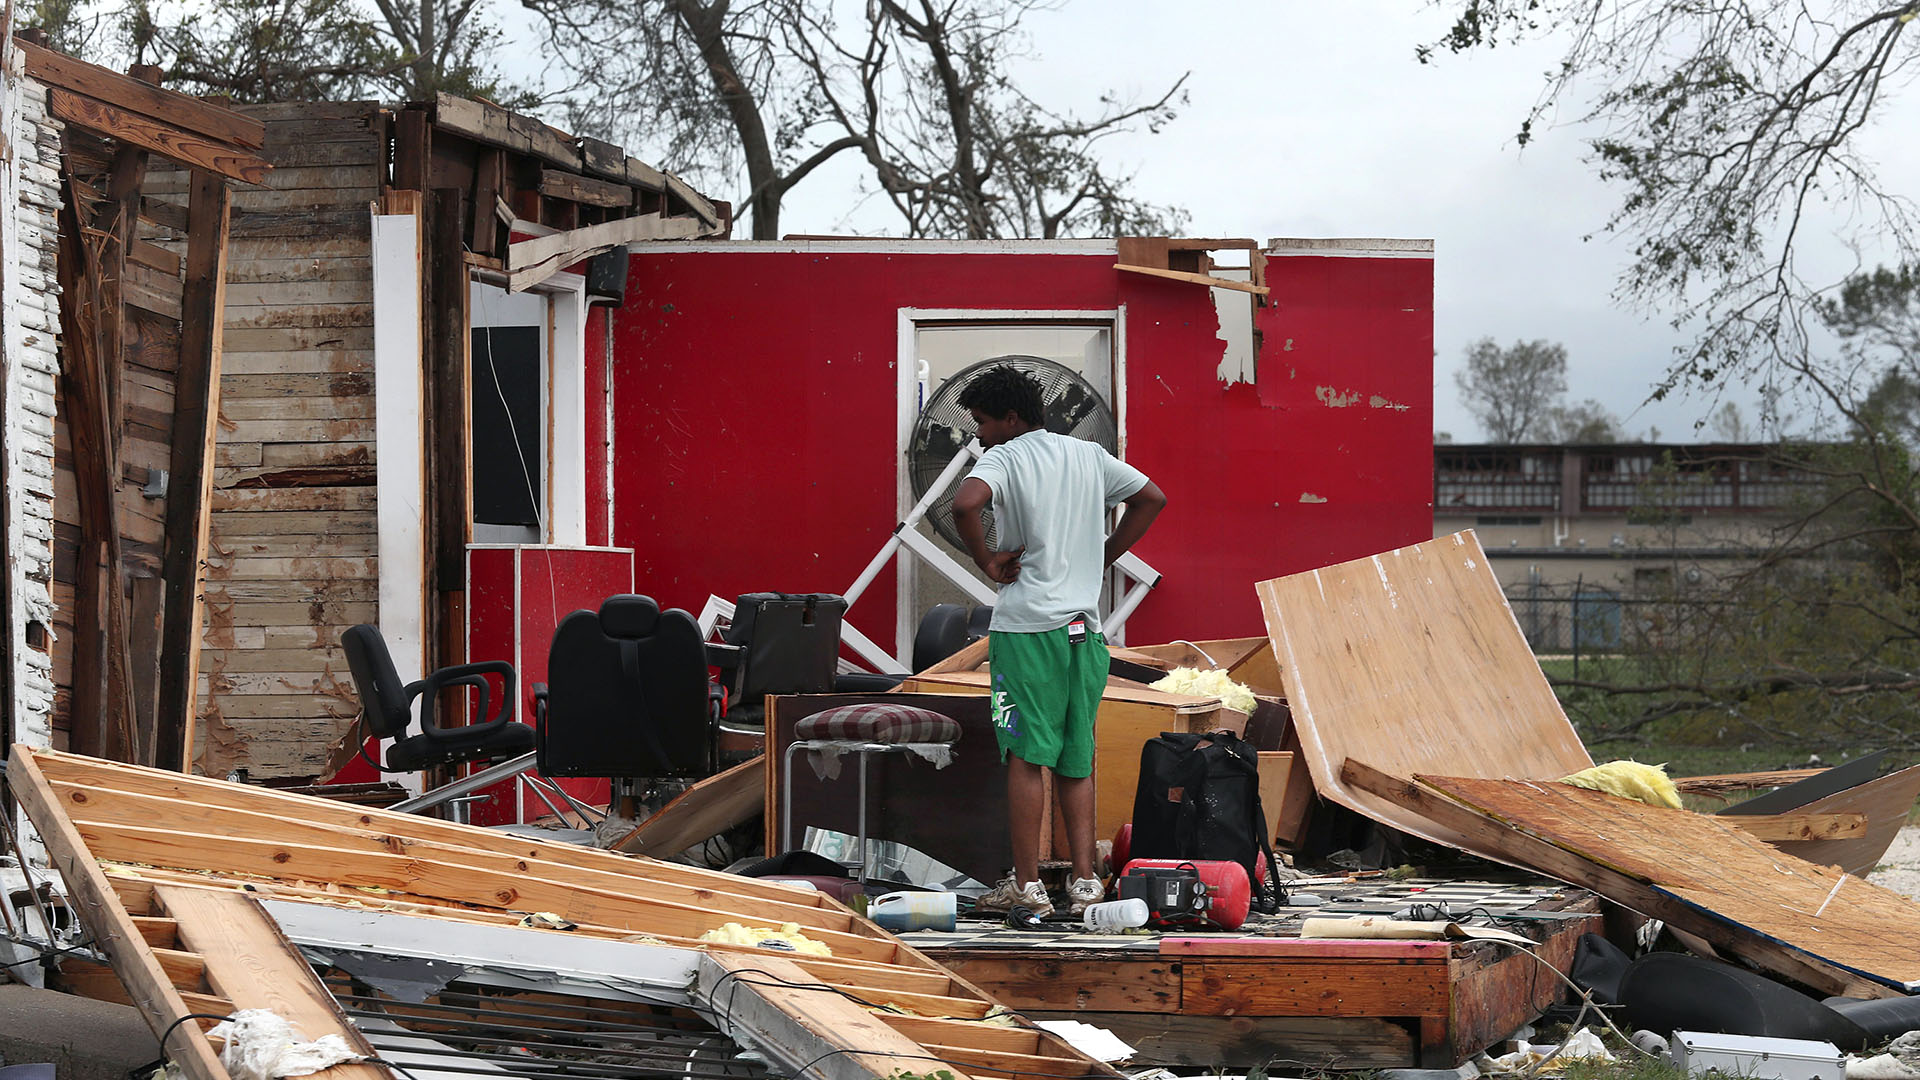 James Sonya estudia lo que queda de la peluquería de sus tíos después de que el huracán Laura pasara por la zona el 27 de agosto de 2020 en Lake Charles, Louisiana. El huracán golpeó con vientos poderosos causando grandes daños a la ciudad (Joe Raedle/Getty Images/AFP)